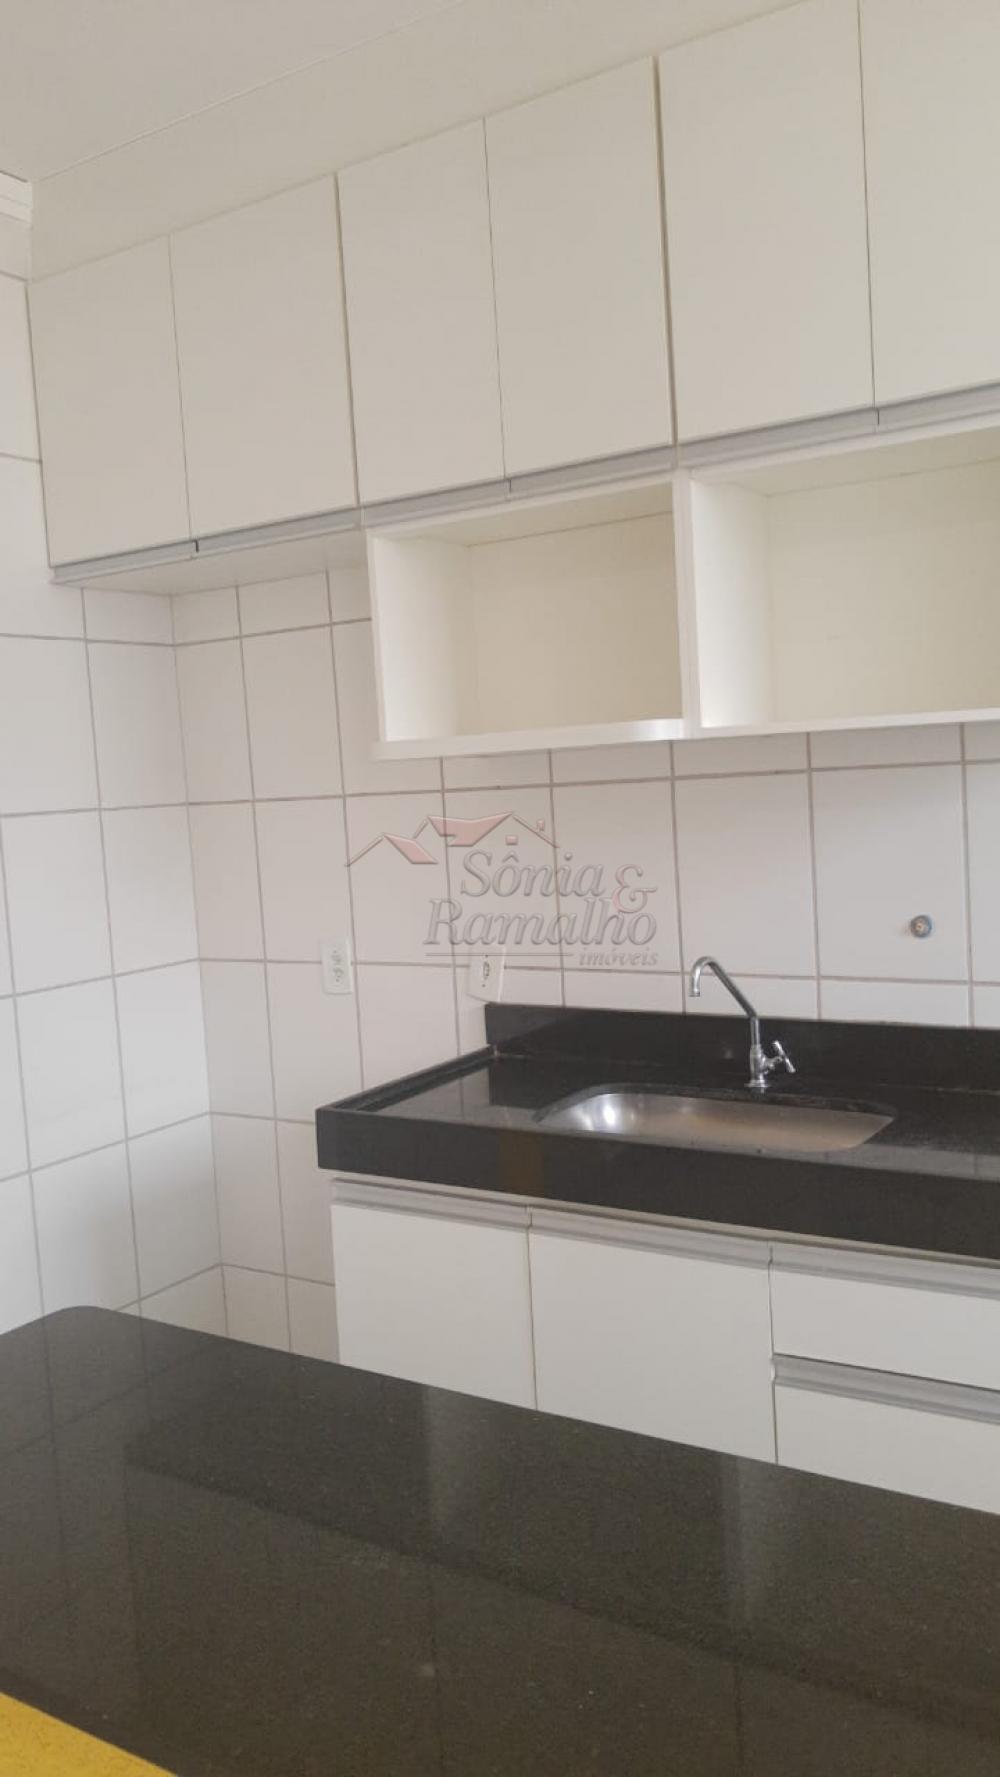 Comprar Apartamentos / Padrão em Ribeirão Preto R$ 190.000,00 - Foto 4